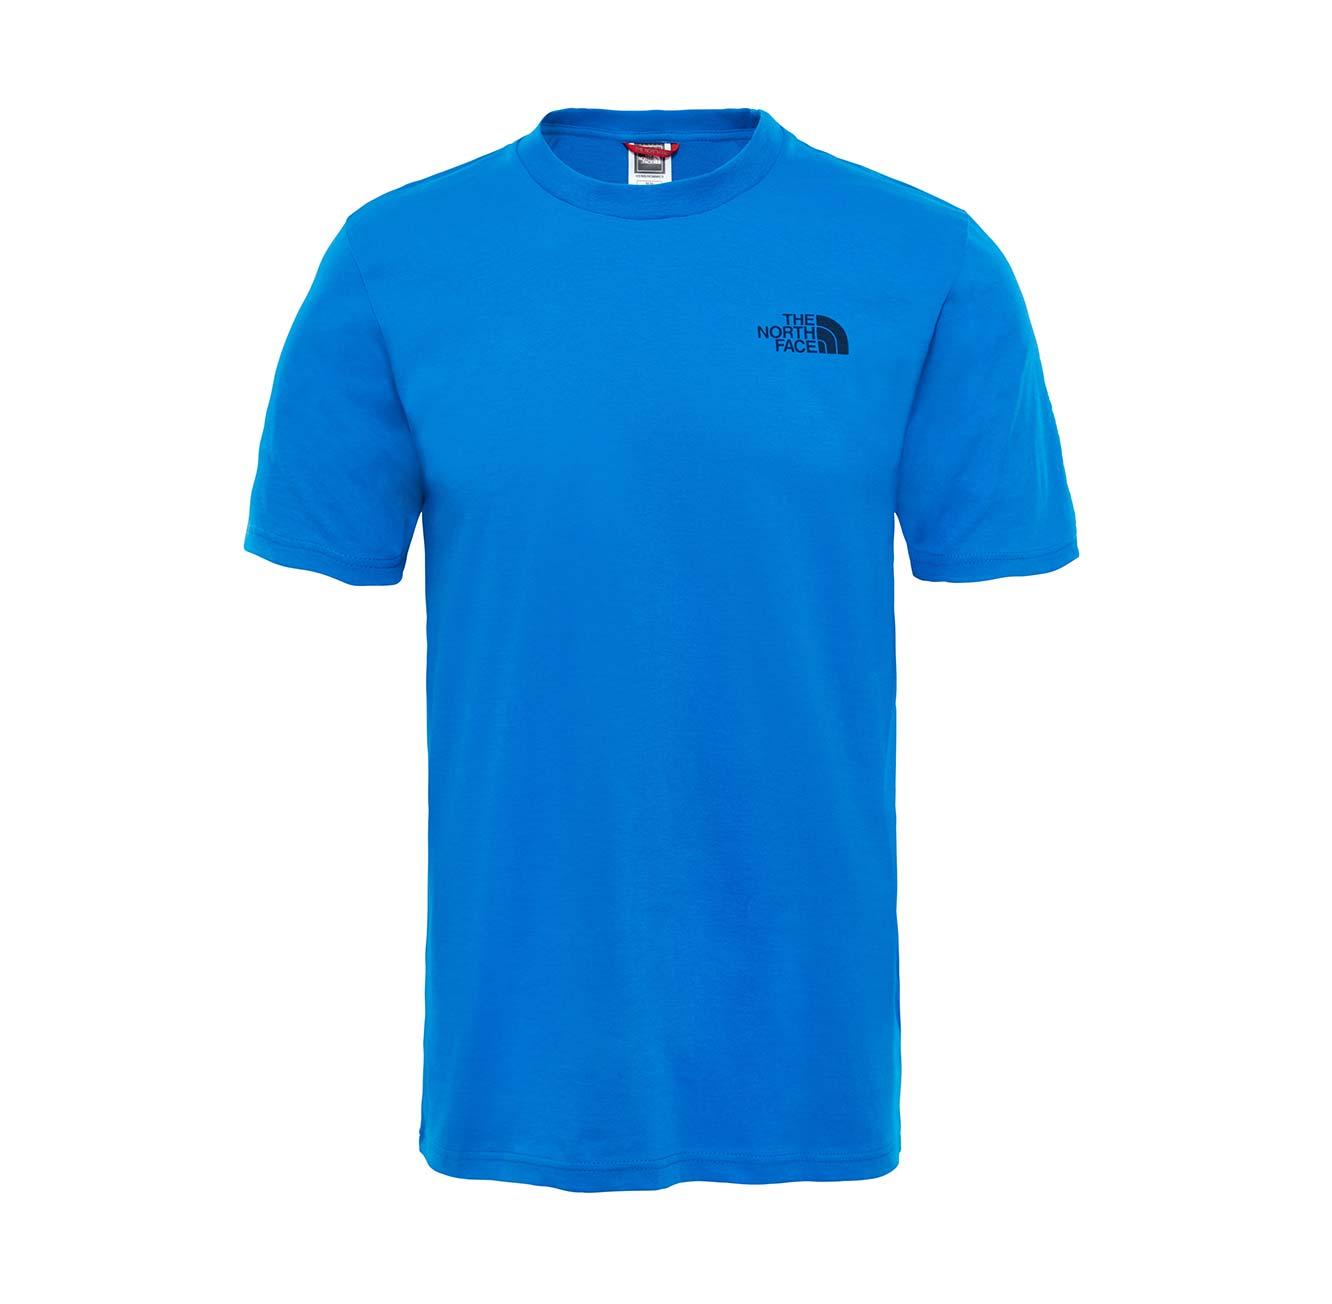 טי שירט לגבר עם לוגו גדול קטן - כחול